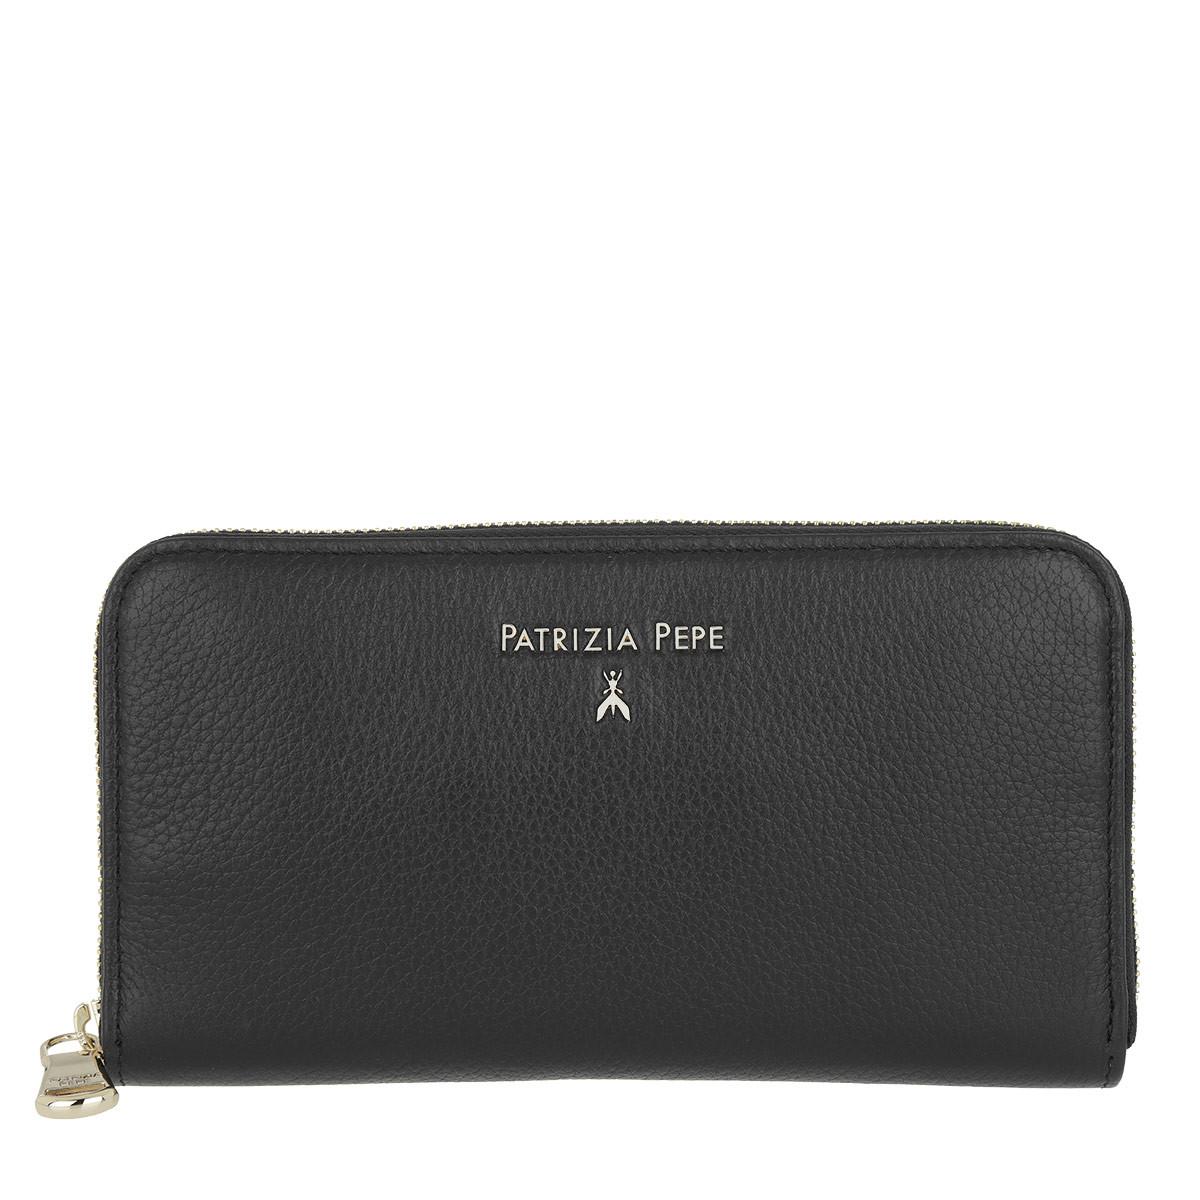 Patrizia Pepe Portemonnaie - Logo Wallet Nero - in schwarz - für Damen